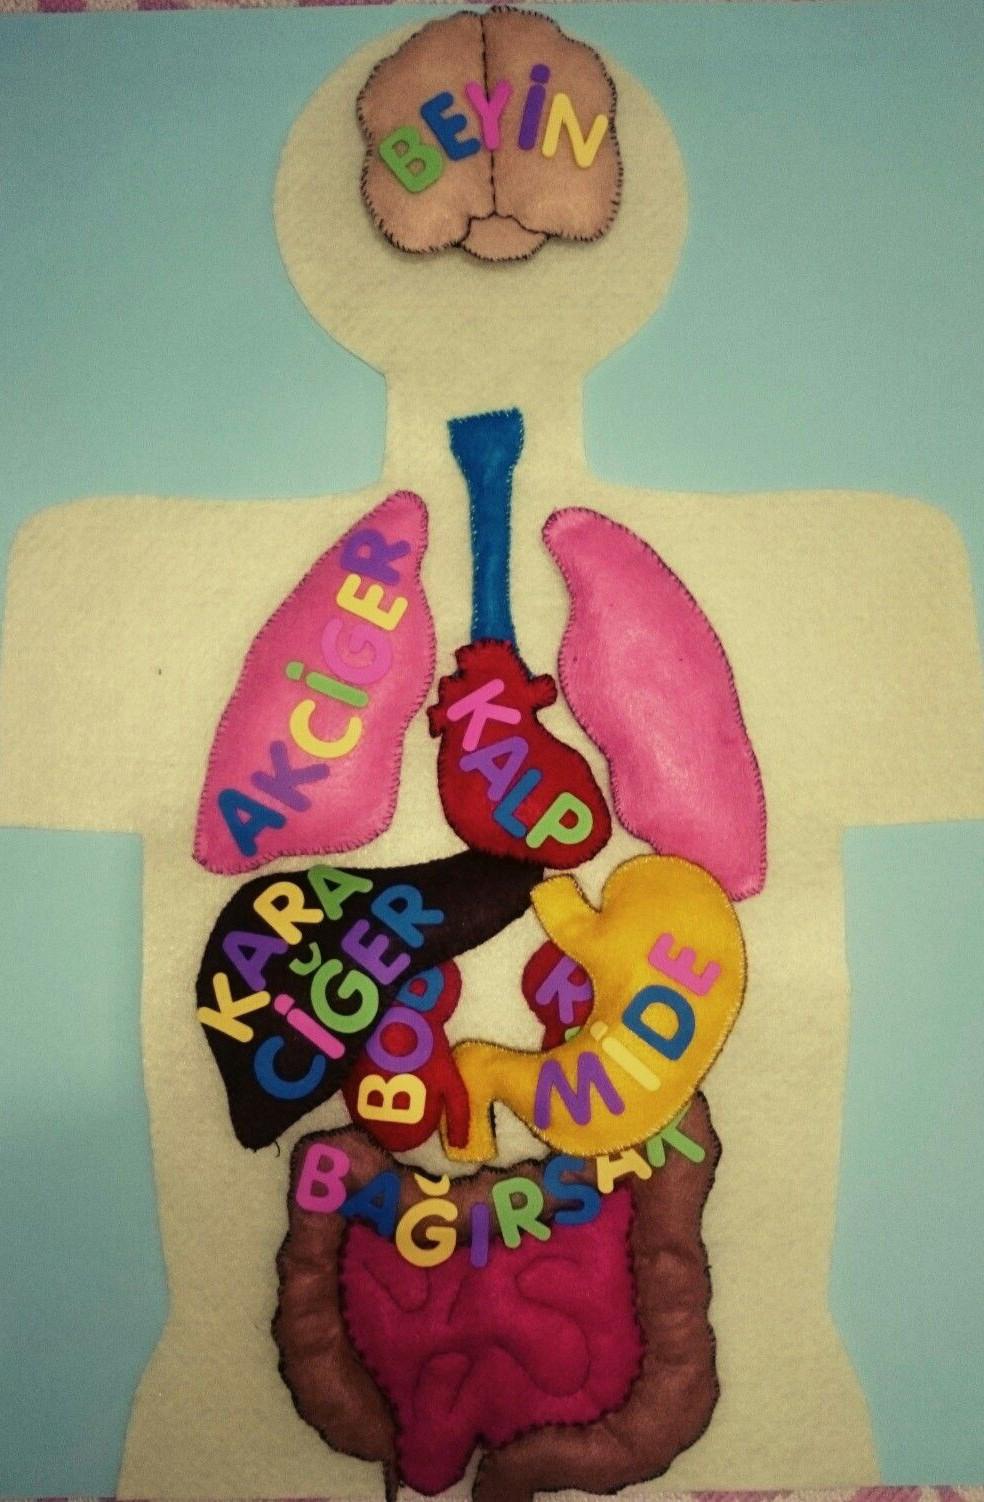 Organlarımızın Yerleri Okul öncesi Güzel Sözler